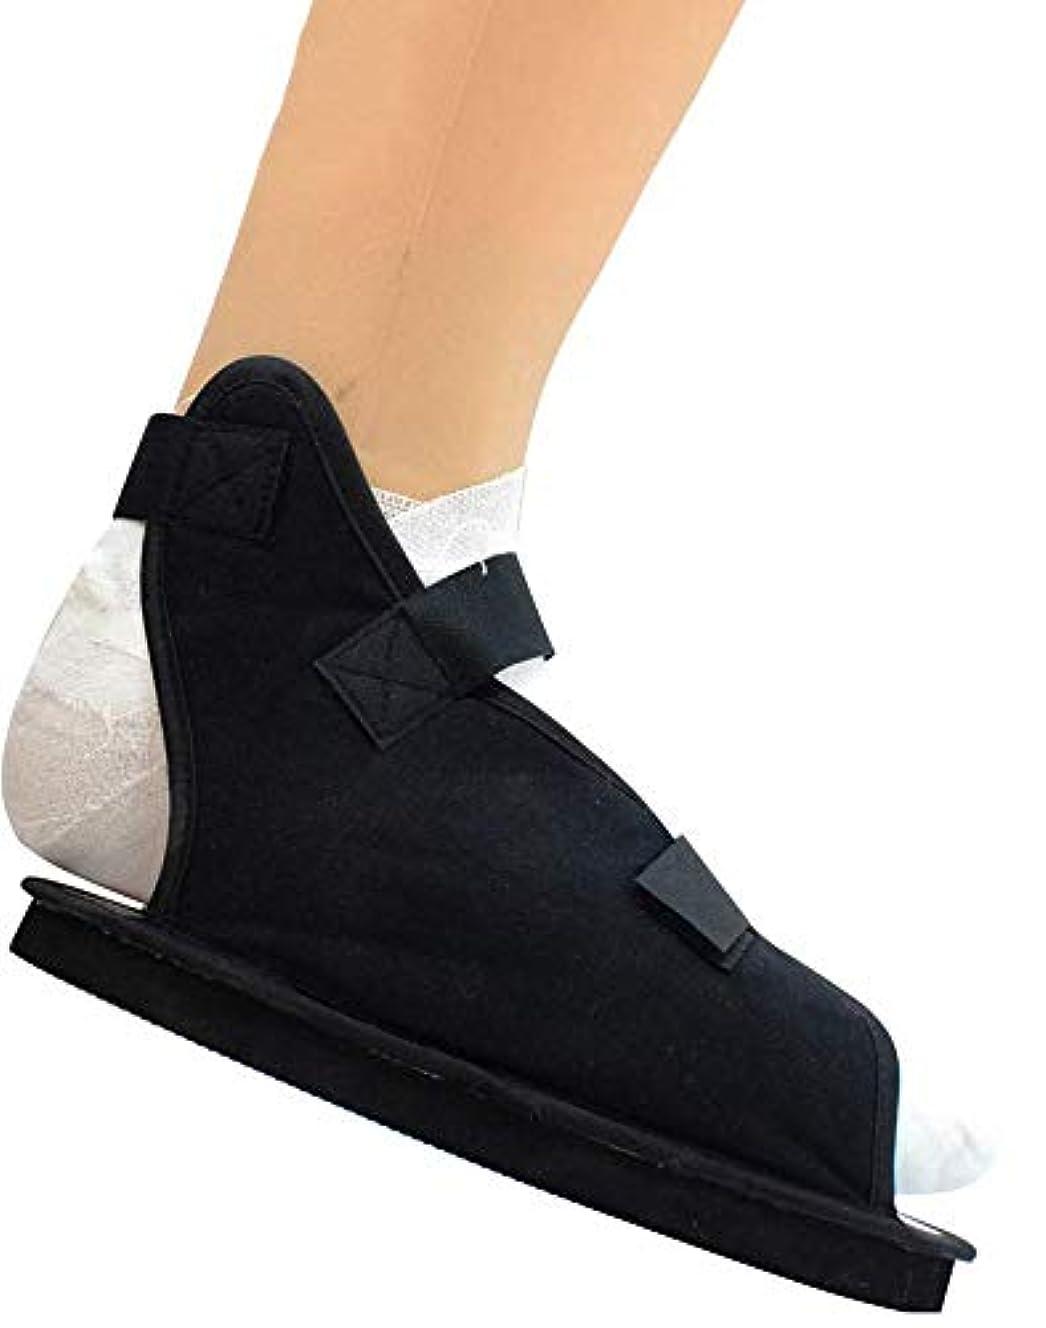 歩き回るマイルドハイキングに行く骨折したつま先/足の骨折のための術後靴 - 男性と女性のための医療/外科用ウォーキングシューズキャストブーツ - /調整可能ストラップ付き整形外科サンダル,XL